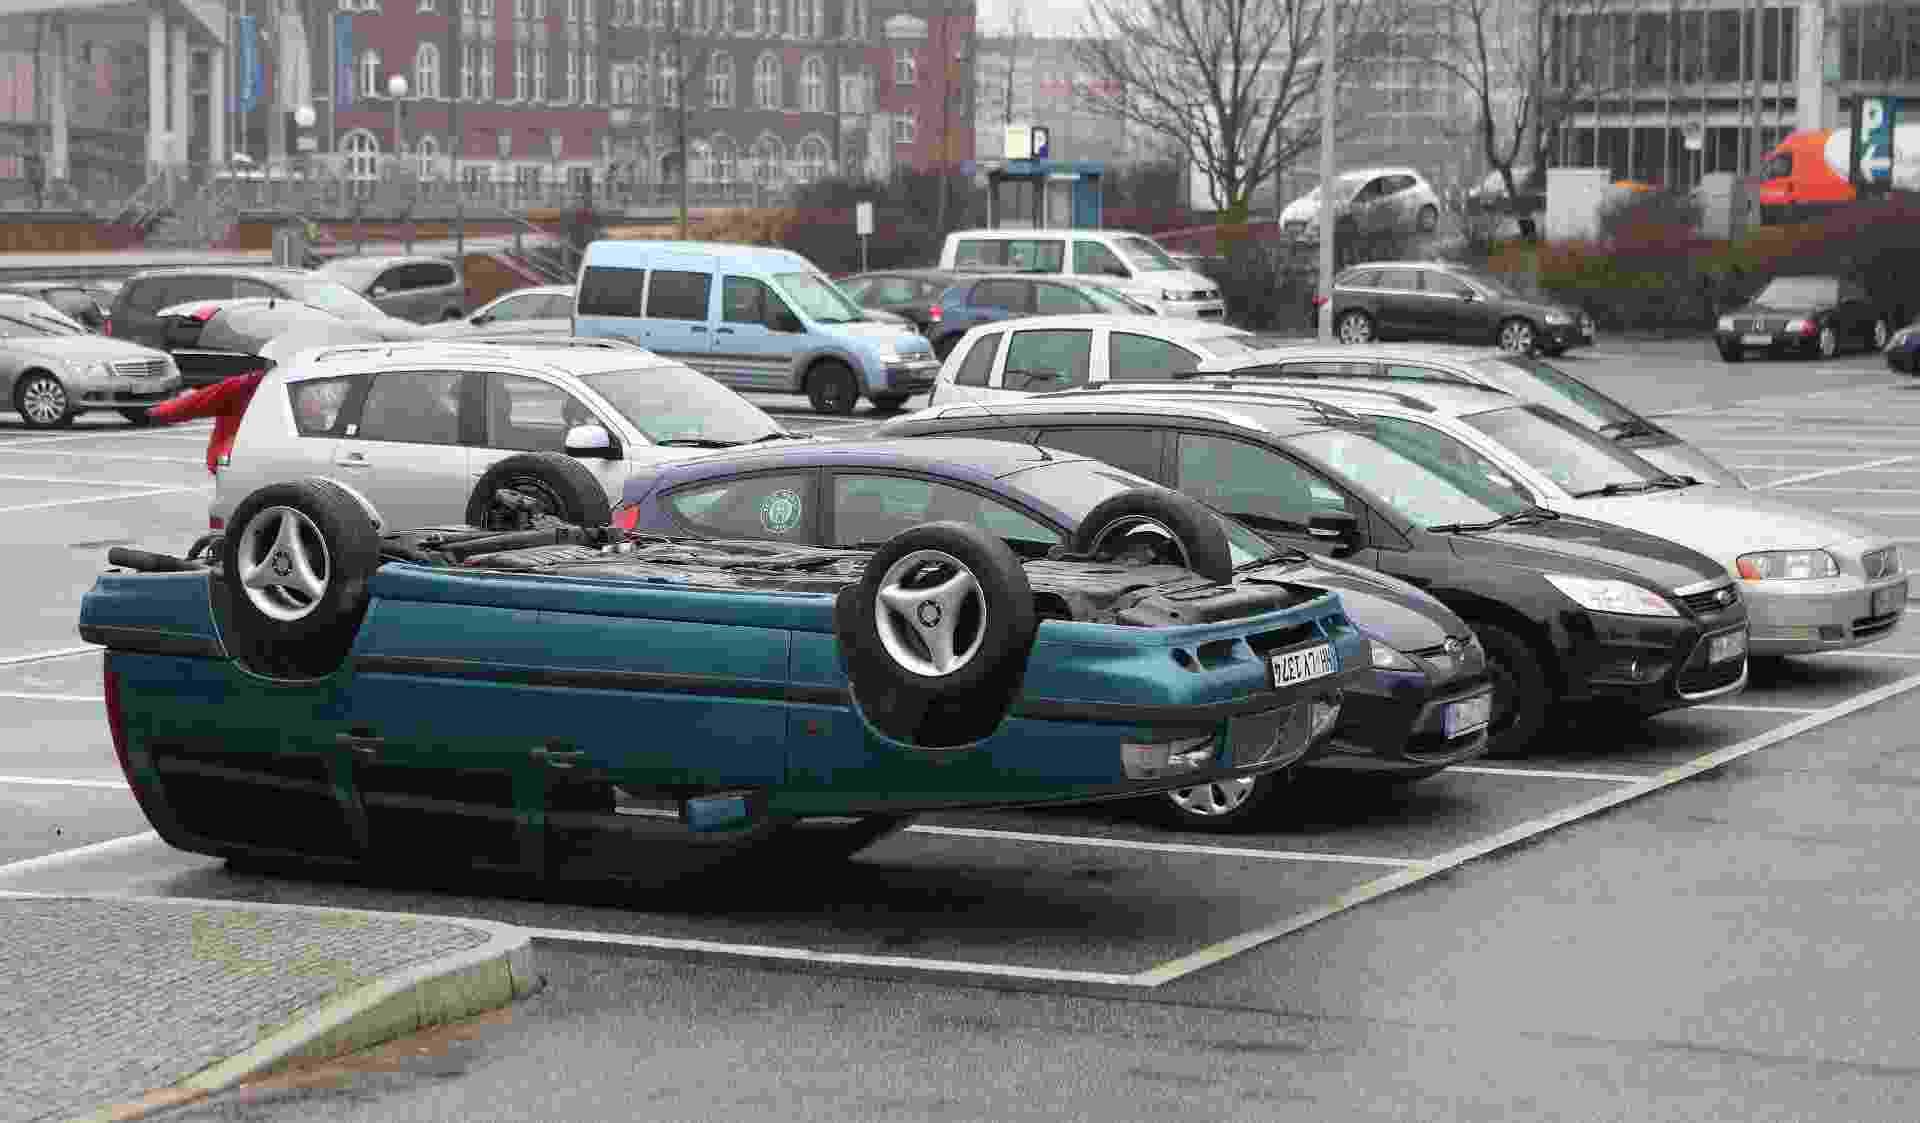 Carro estacionado ponta-cabeça - CHRISTIAN CHARISIUS/AFP